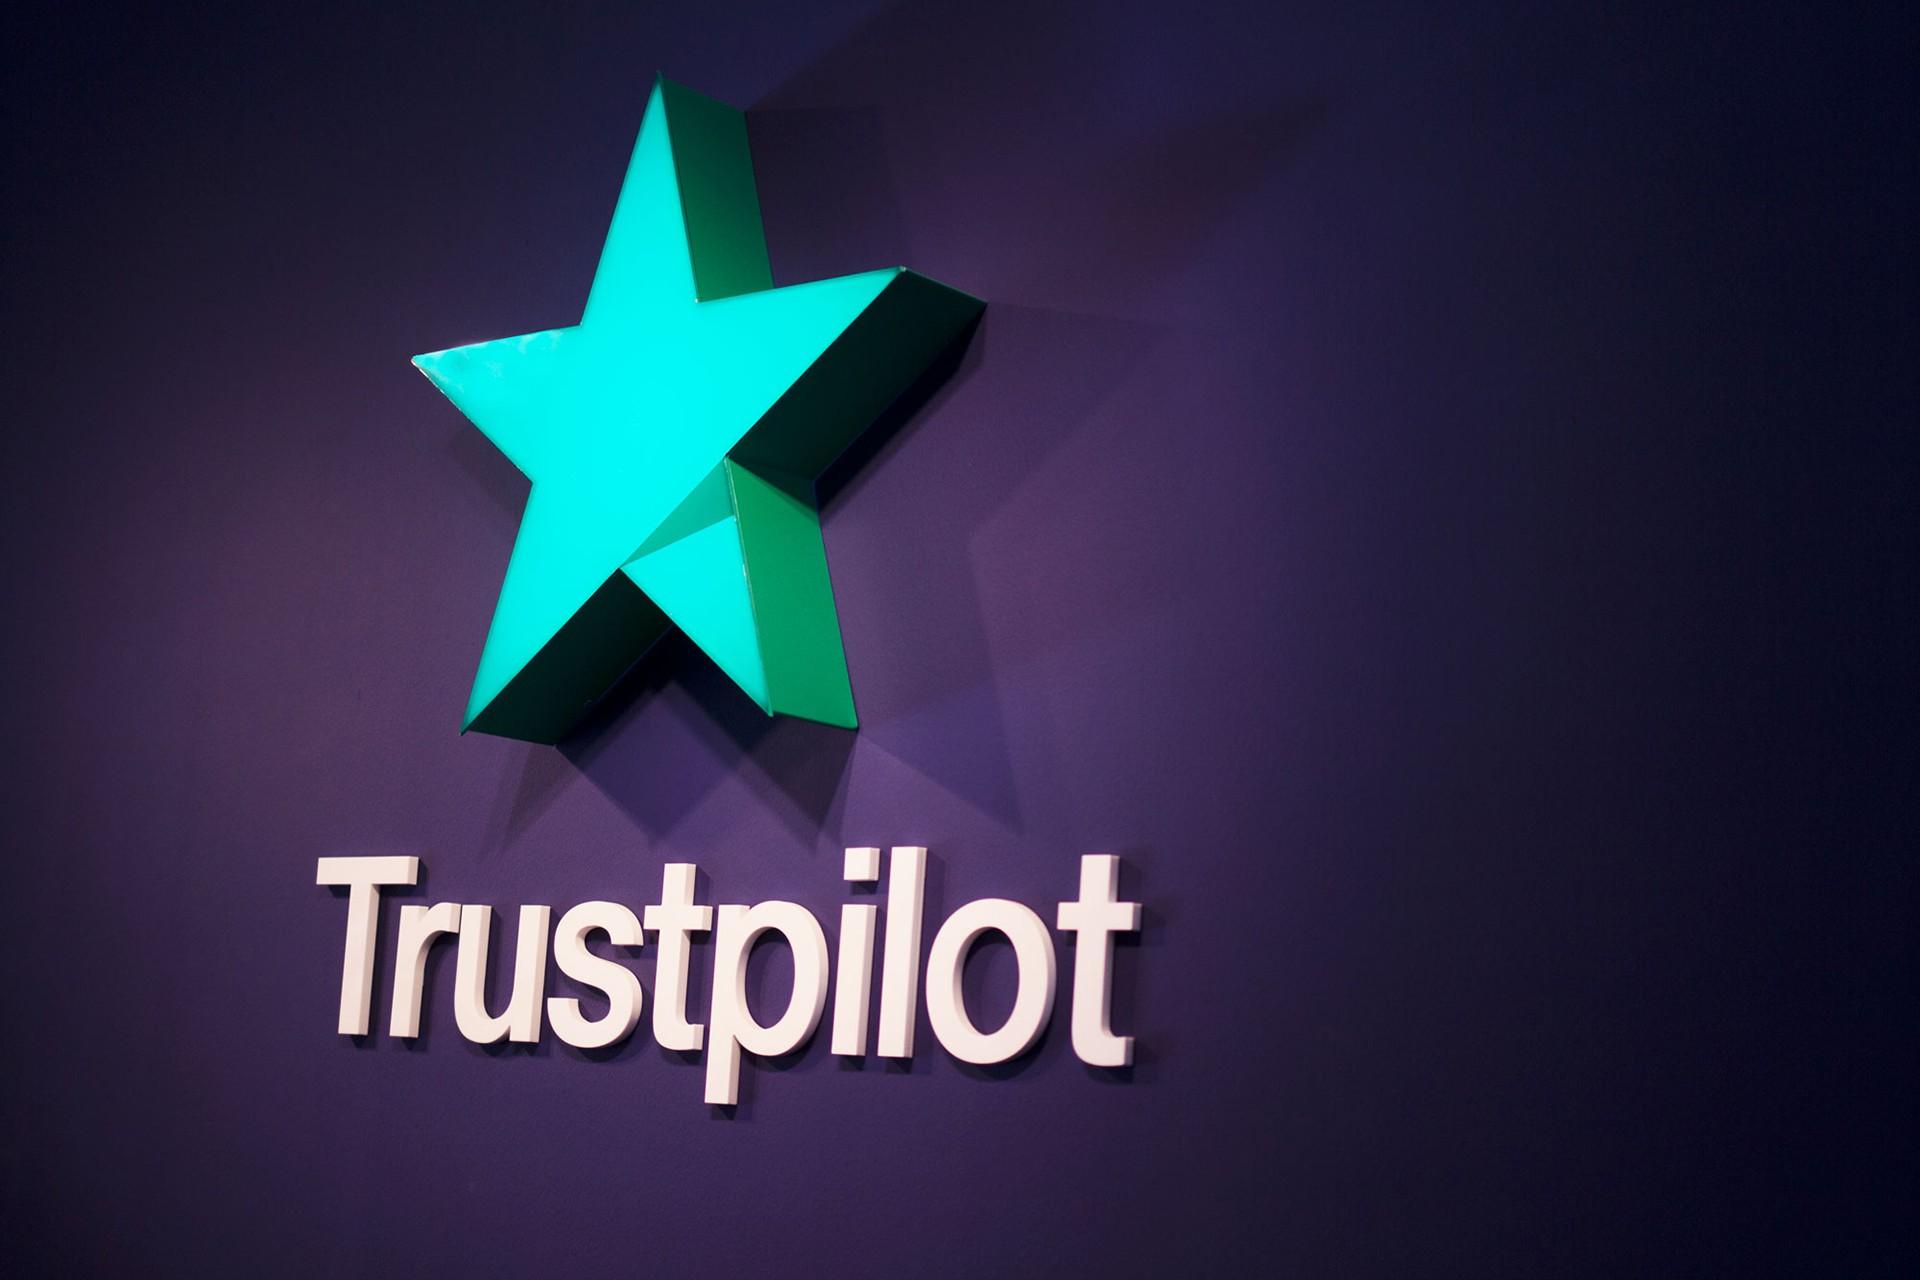 """Résultat de recherche d'images pour """"trustpilot"""""""